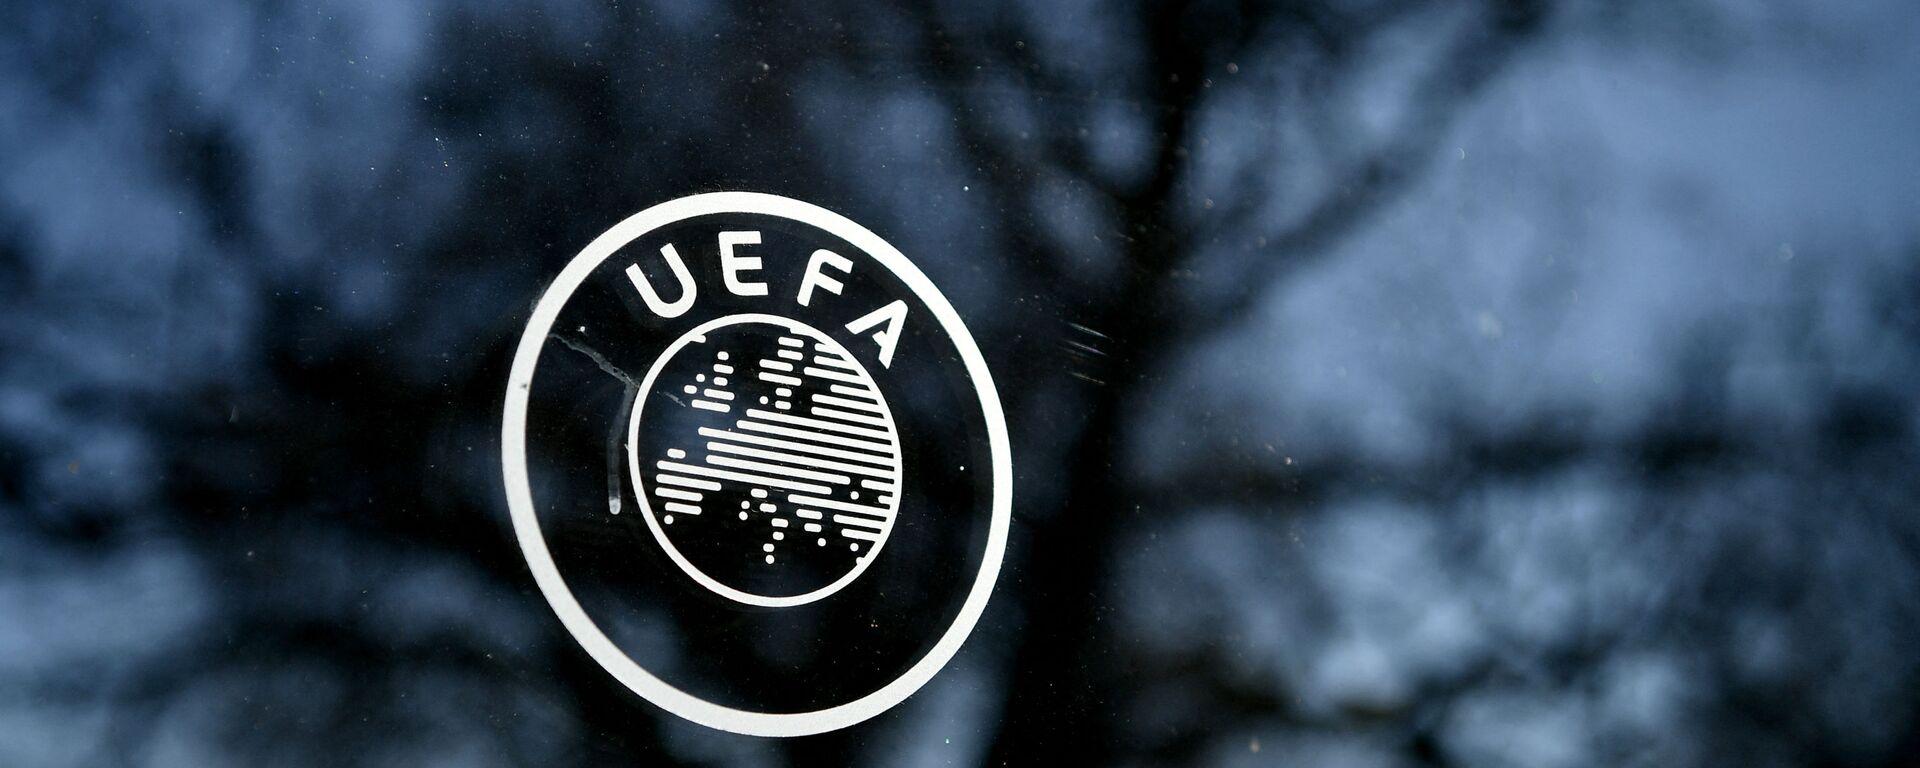 УЕФА - Sputnik Србија, 1920, 13.08.2021